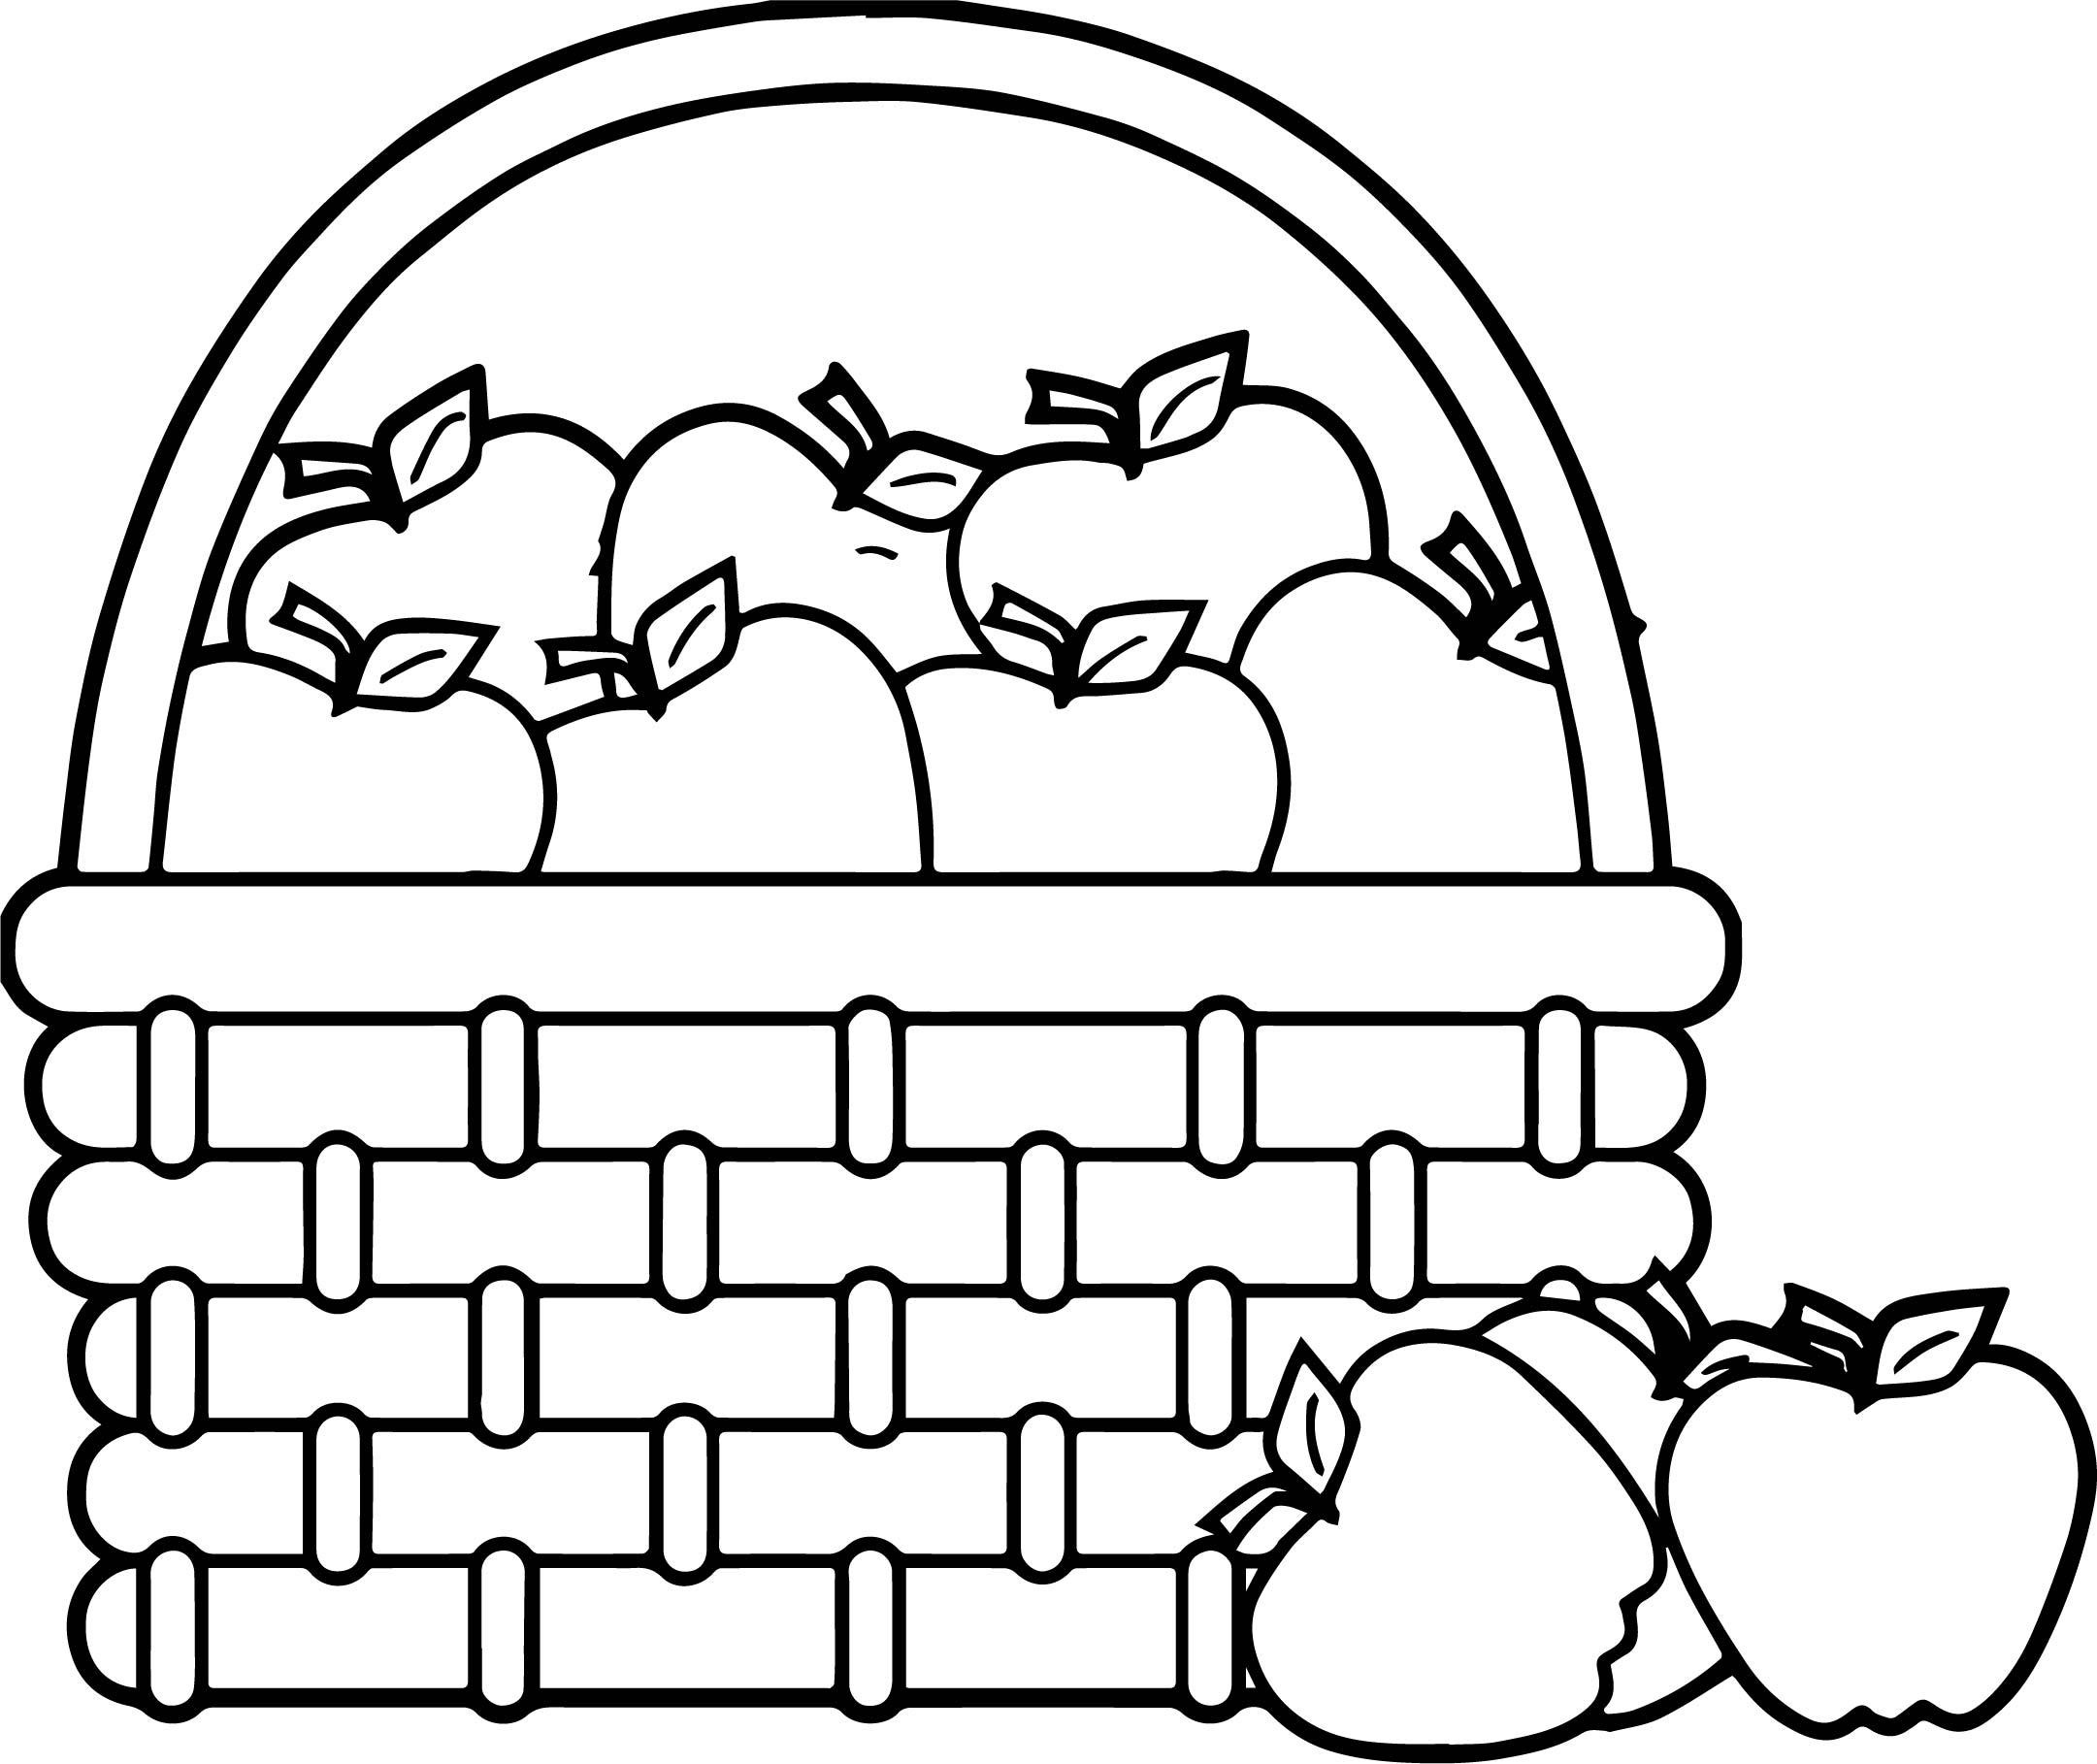 Picnic Basket Apple Basket Basket Apples Coloring Page